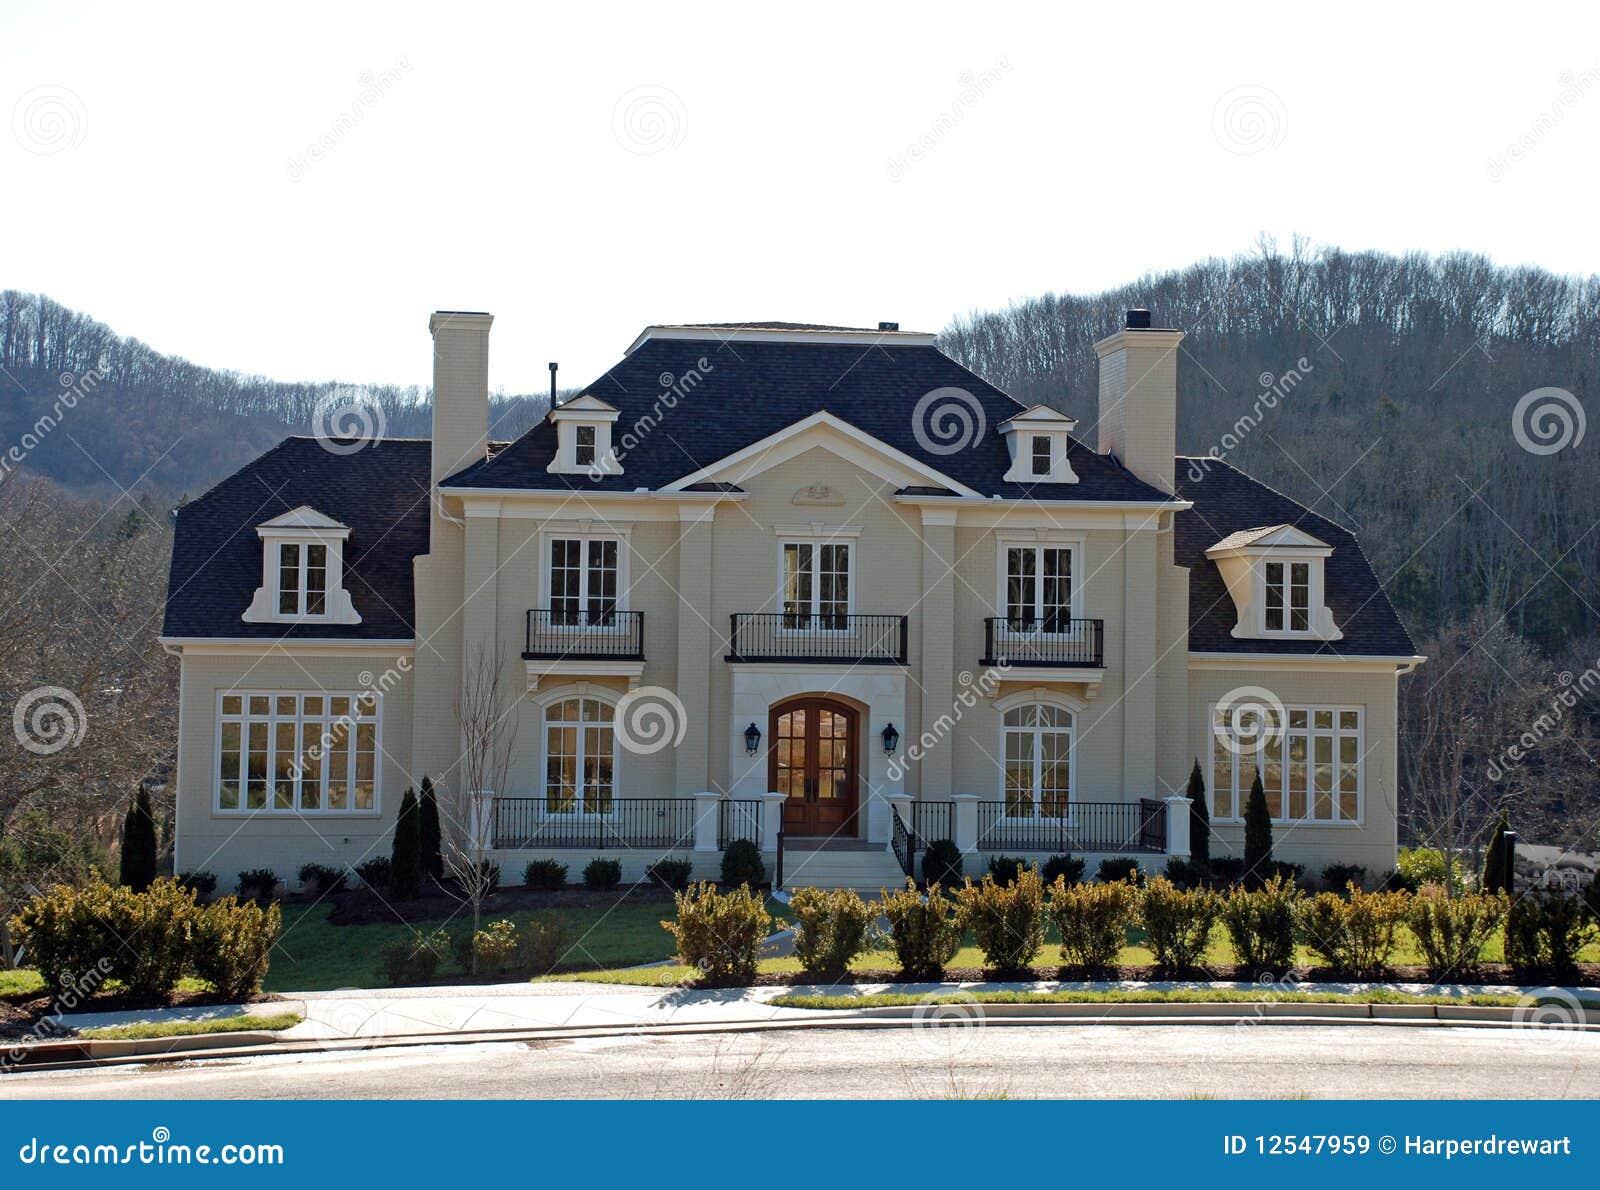 Maison de luxe classique 37 images libres de droits for Maison bois classique